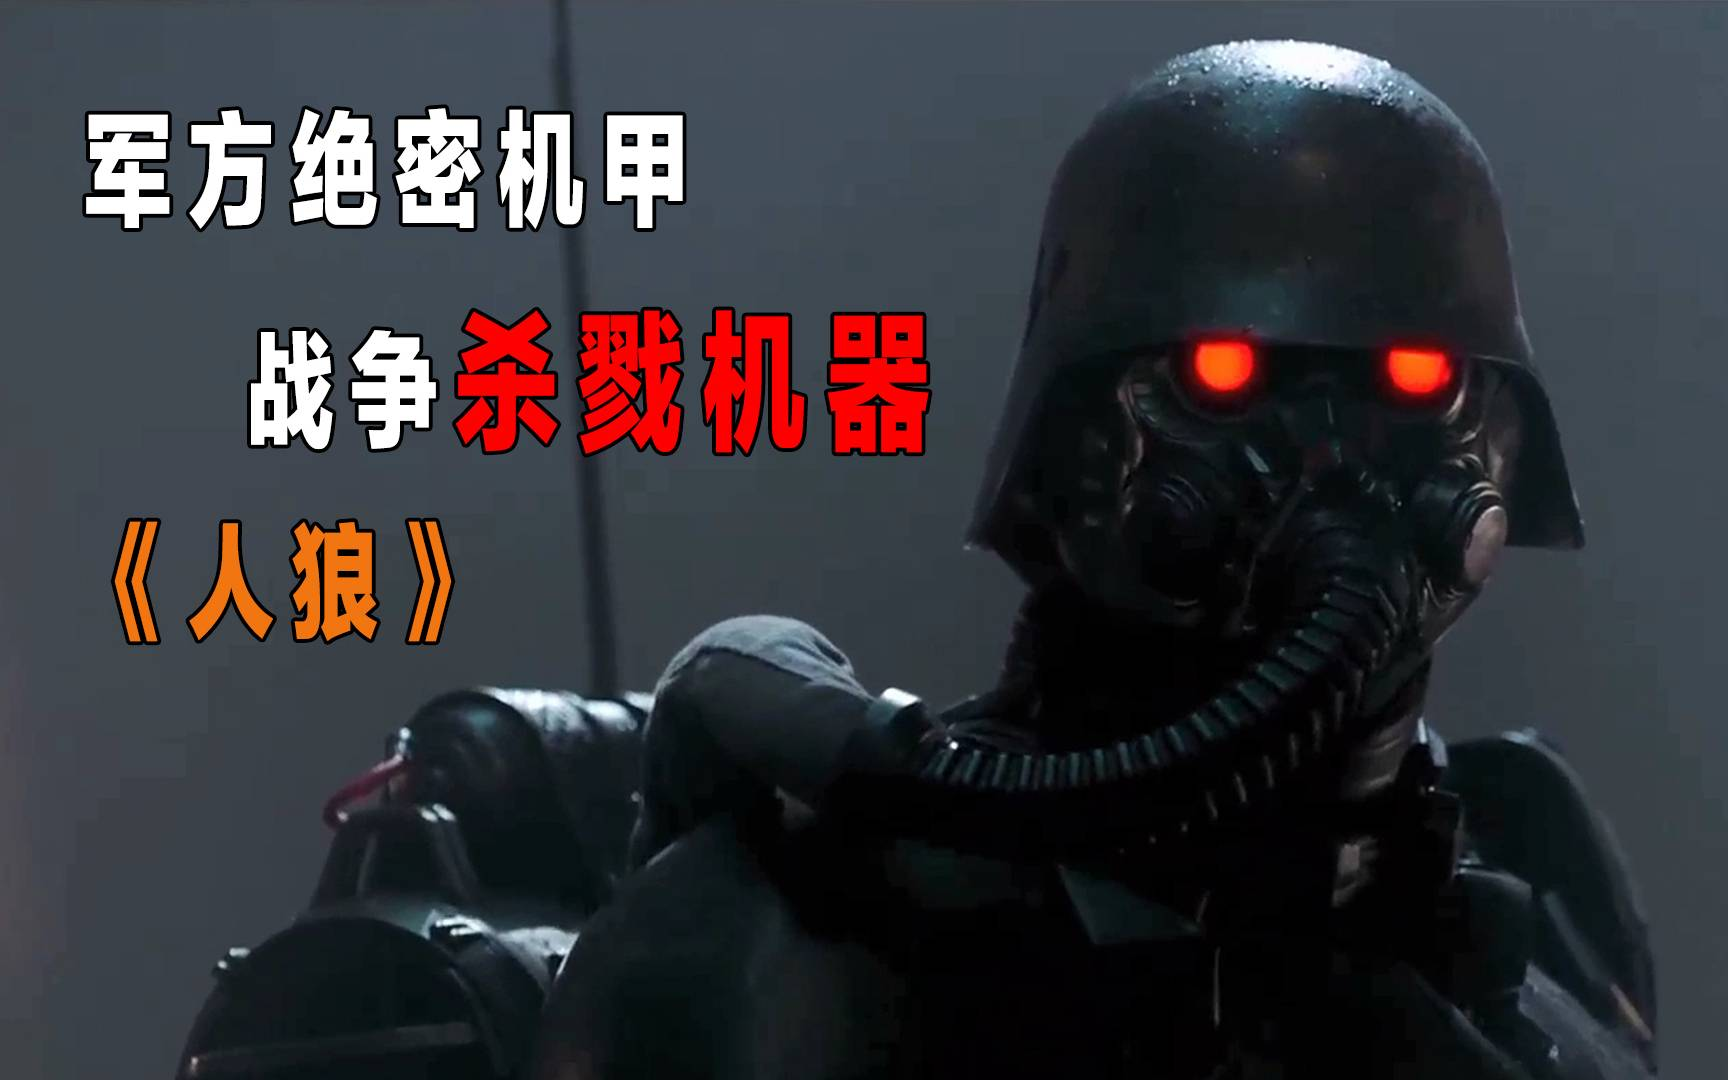 """韩版""""钢铁侠""""特种兵,刀枪不入狠到不行,燃炸动作科幻"""